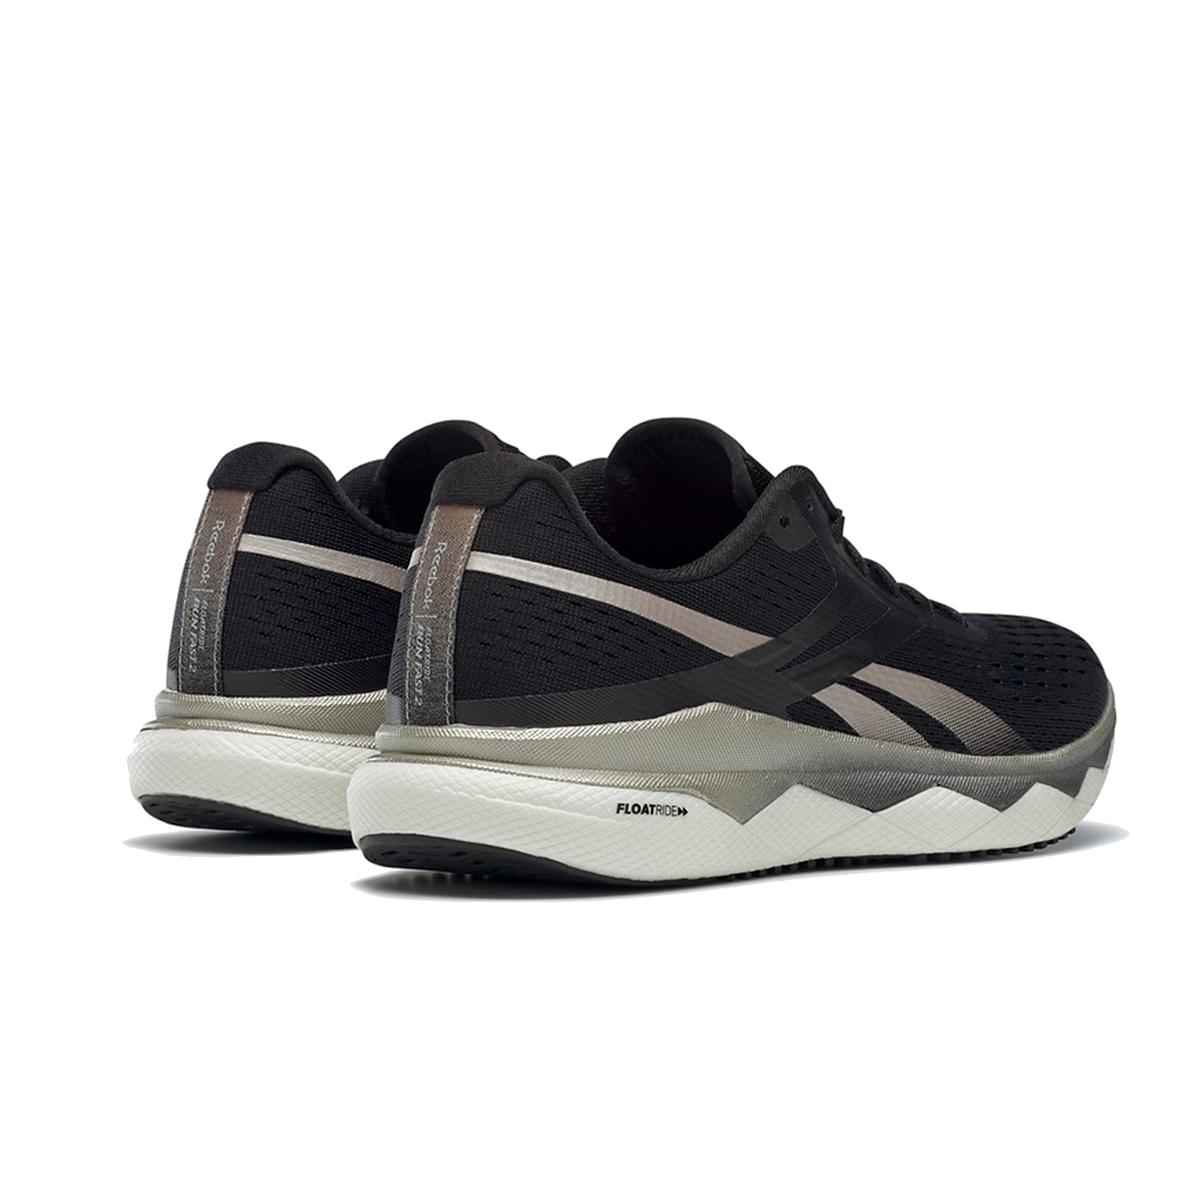 Women's Reebok Floatride Run Fast 2.0 Running Shoe - Color: Black/Moondust/White - Size: 5 - Width: Regular, Black/Moondust/White, large, image 3